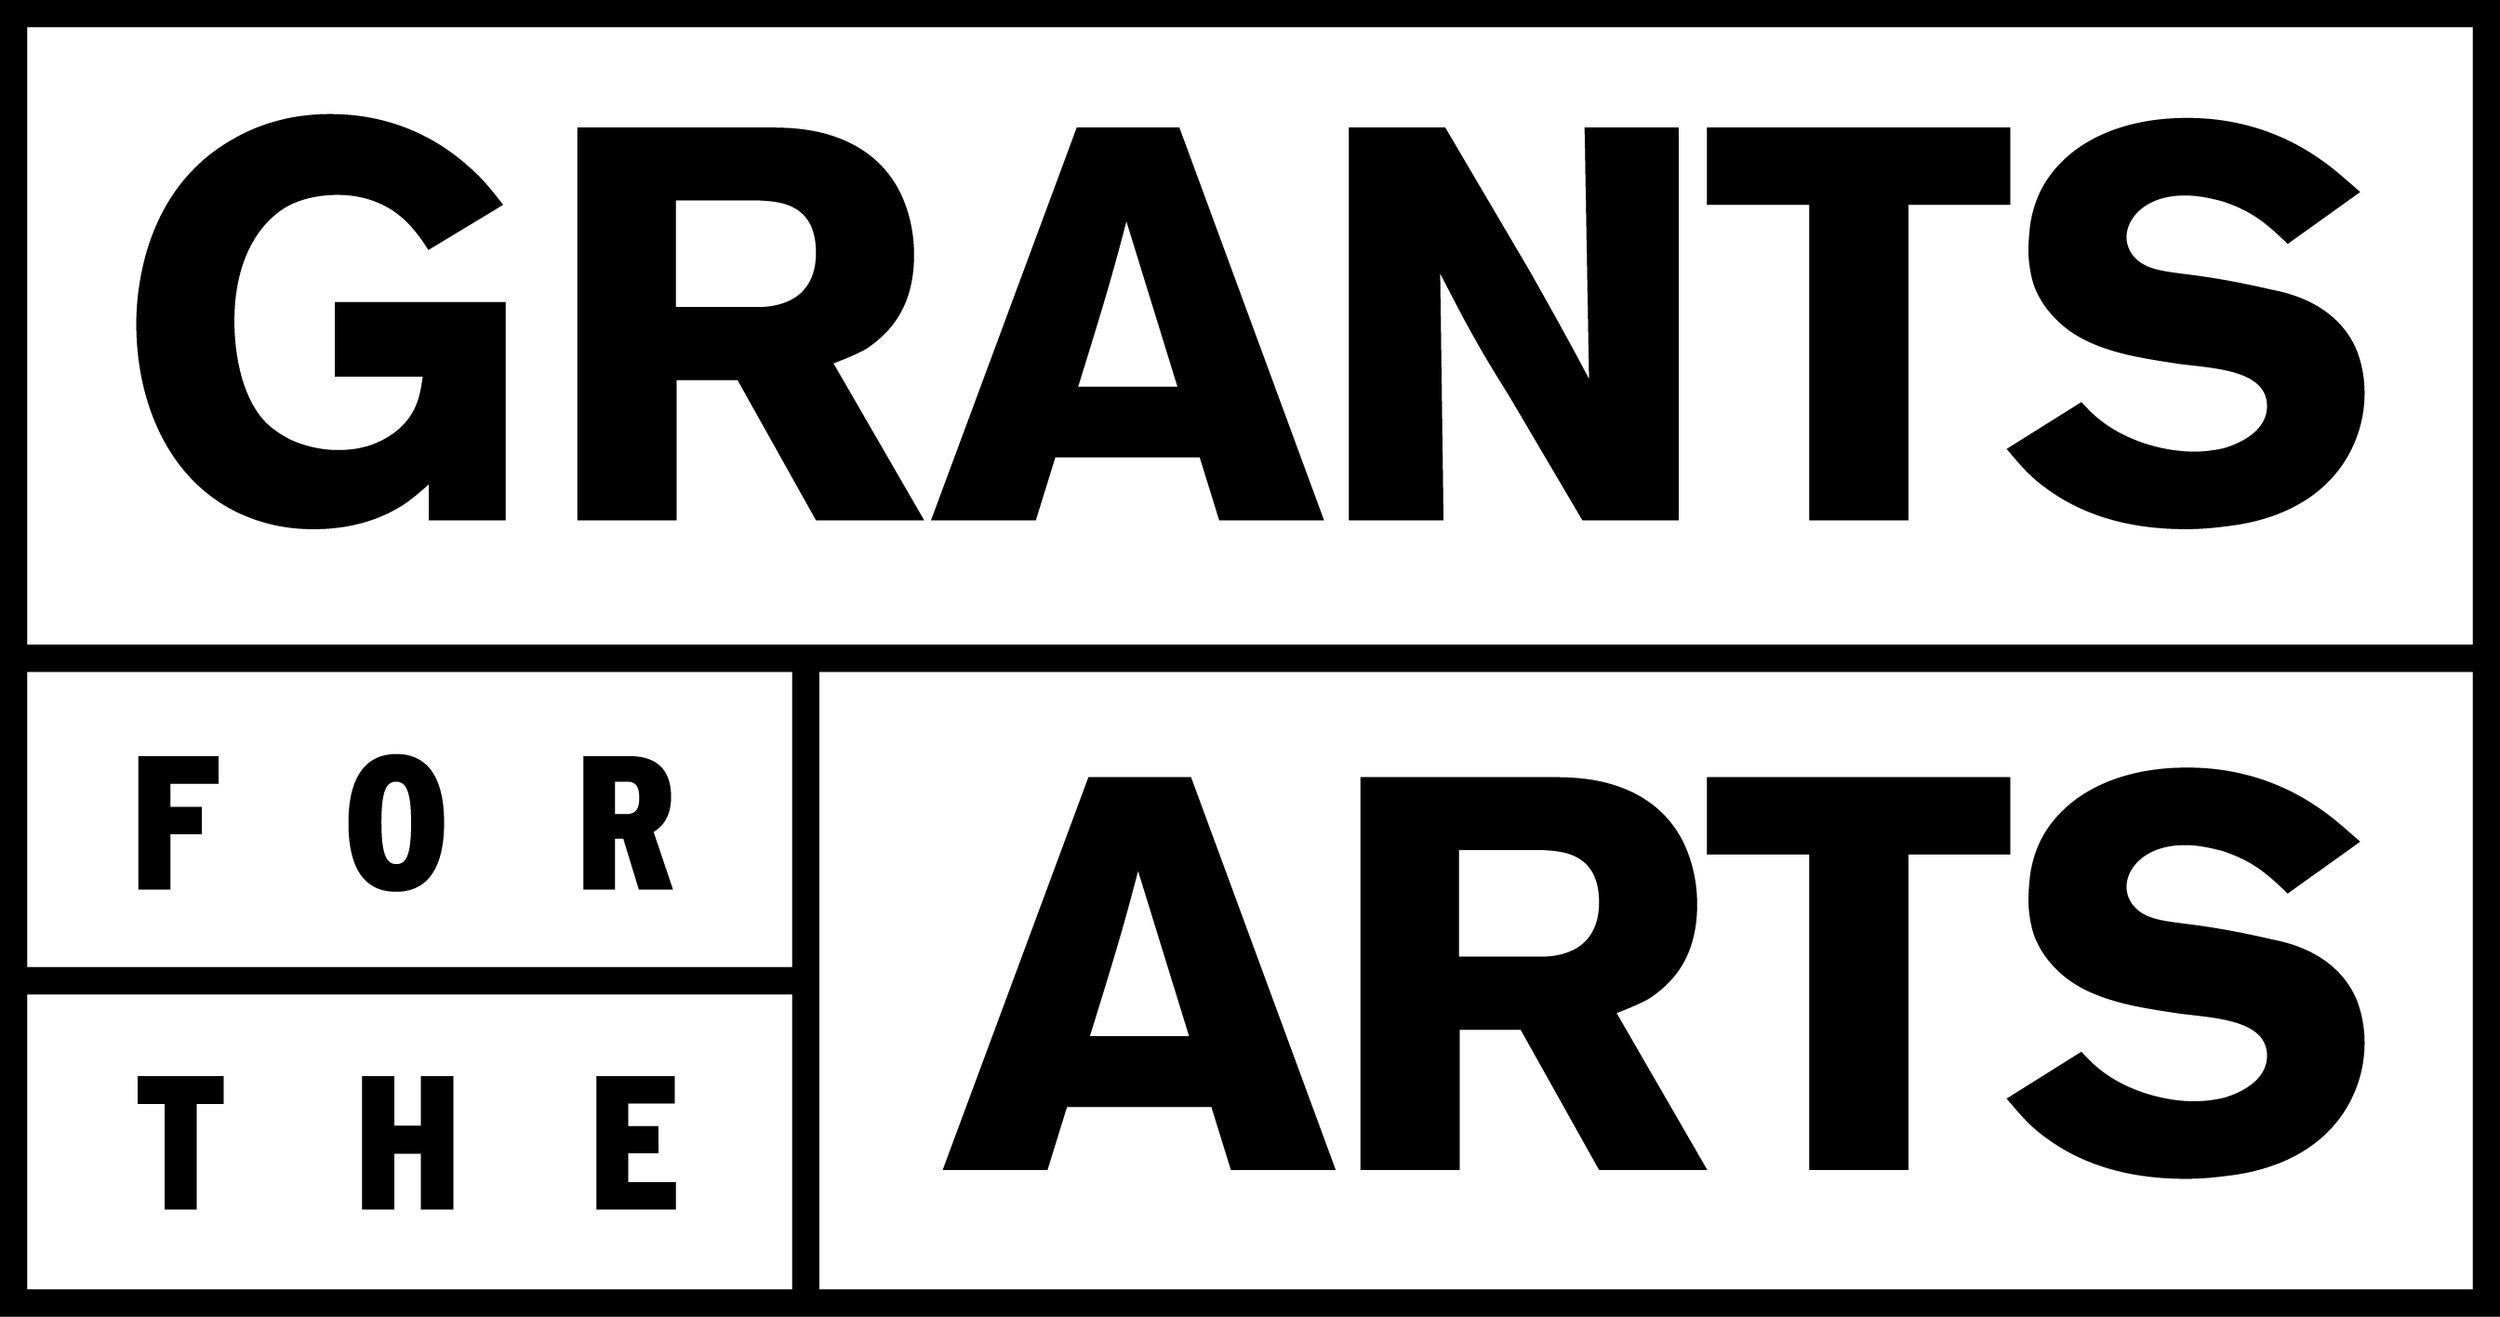 GrantsForTheArts.jpg